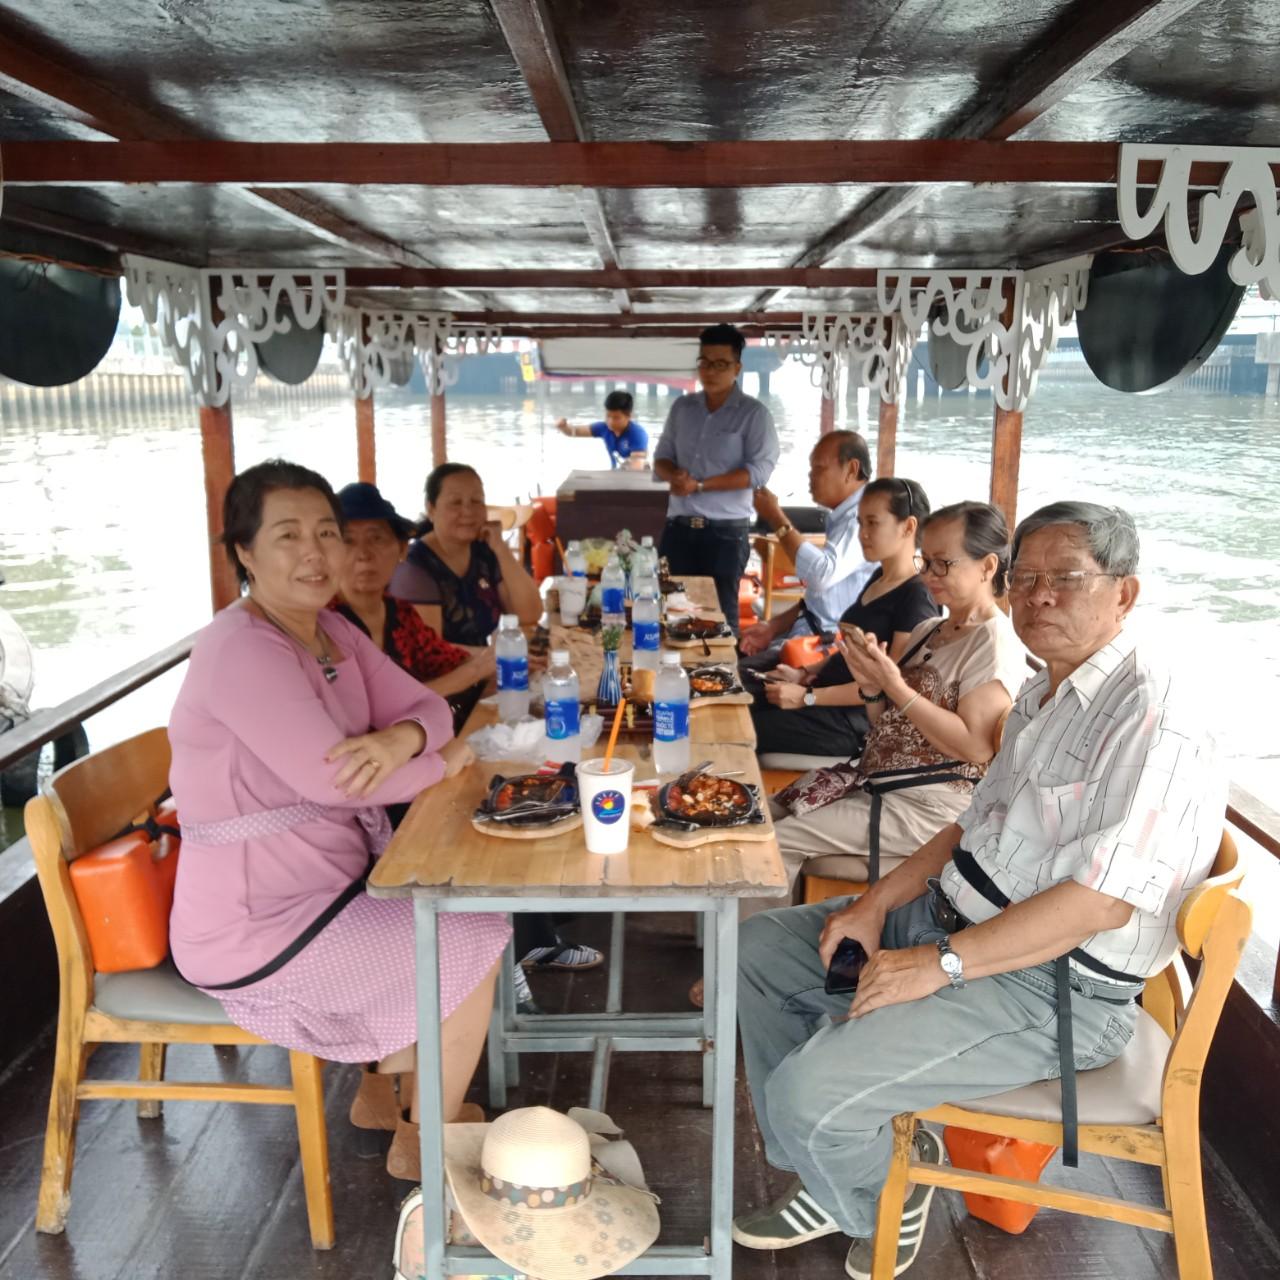 Ngày xuân, nhiều đoàn du khách Việt có tuổi chọn du thuyền trên sông thay vì vào phố phường nhộn nhịp